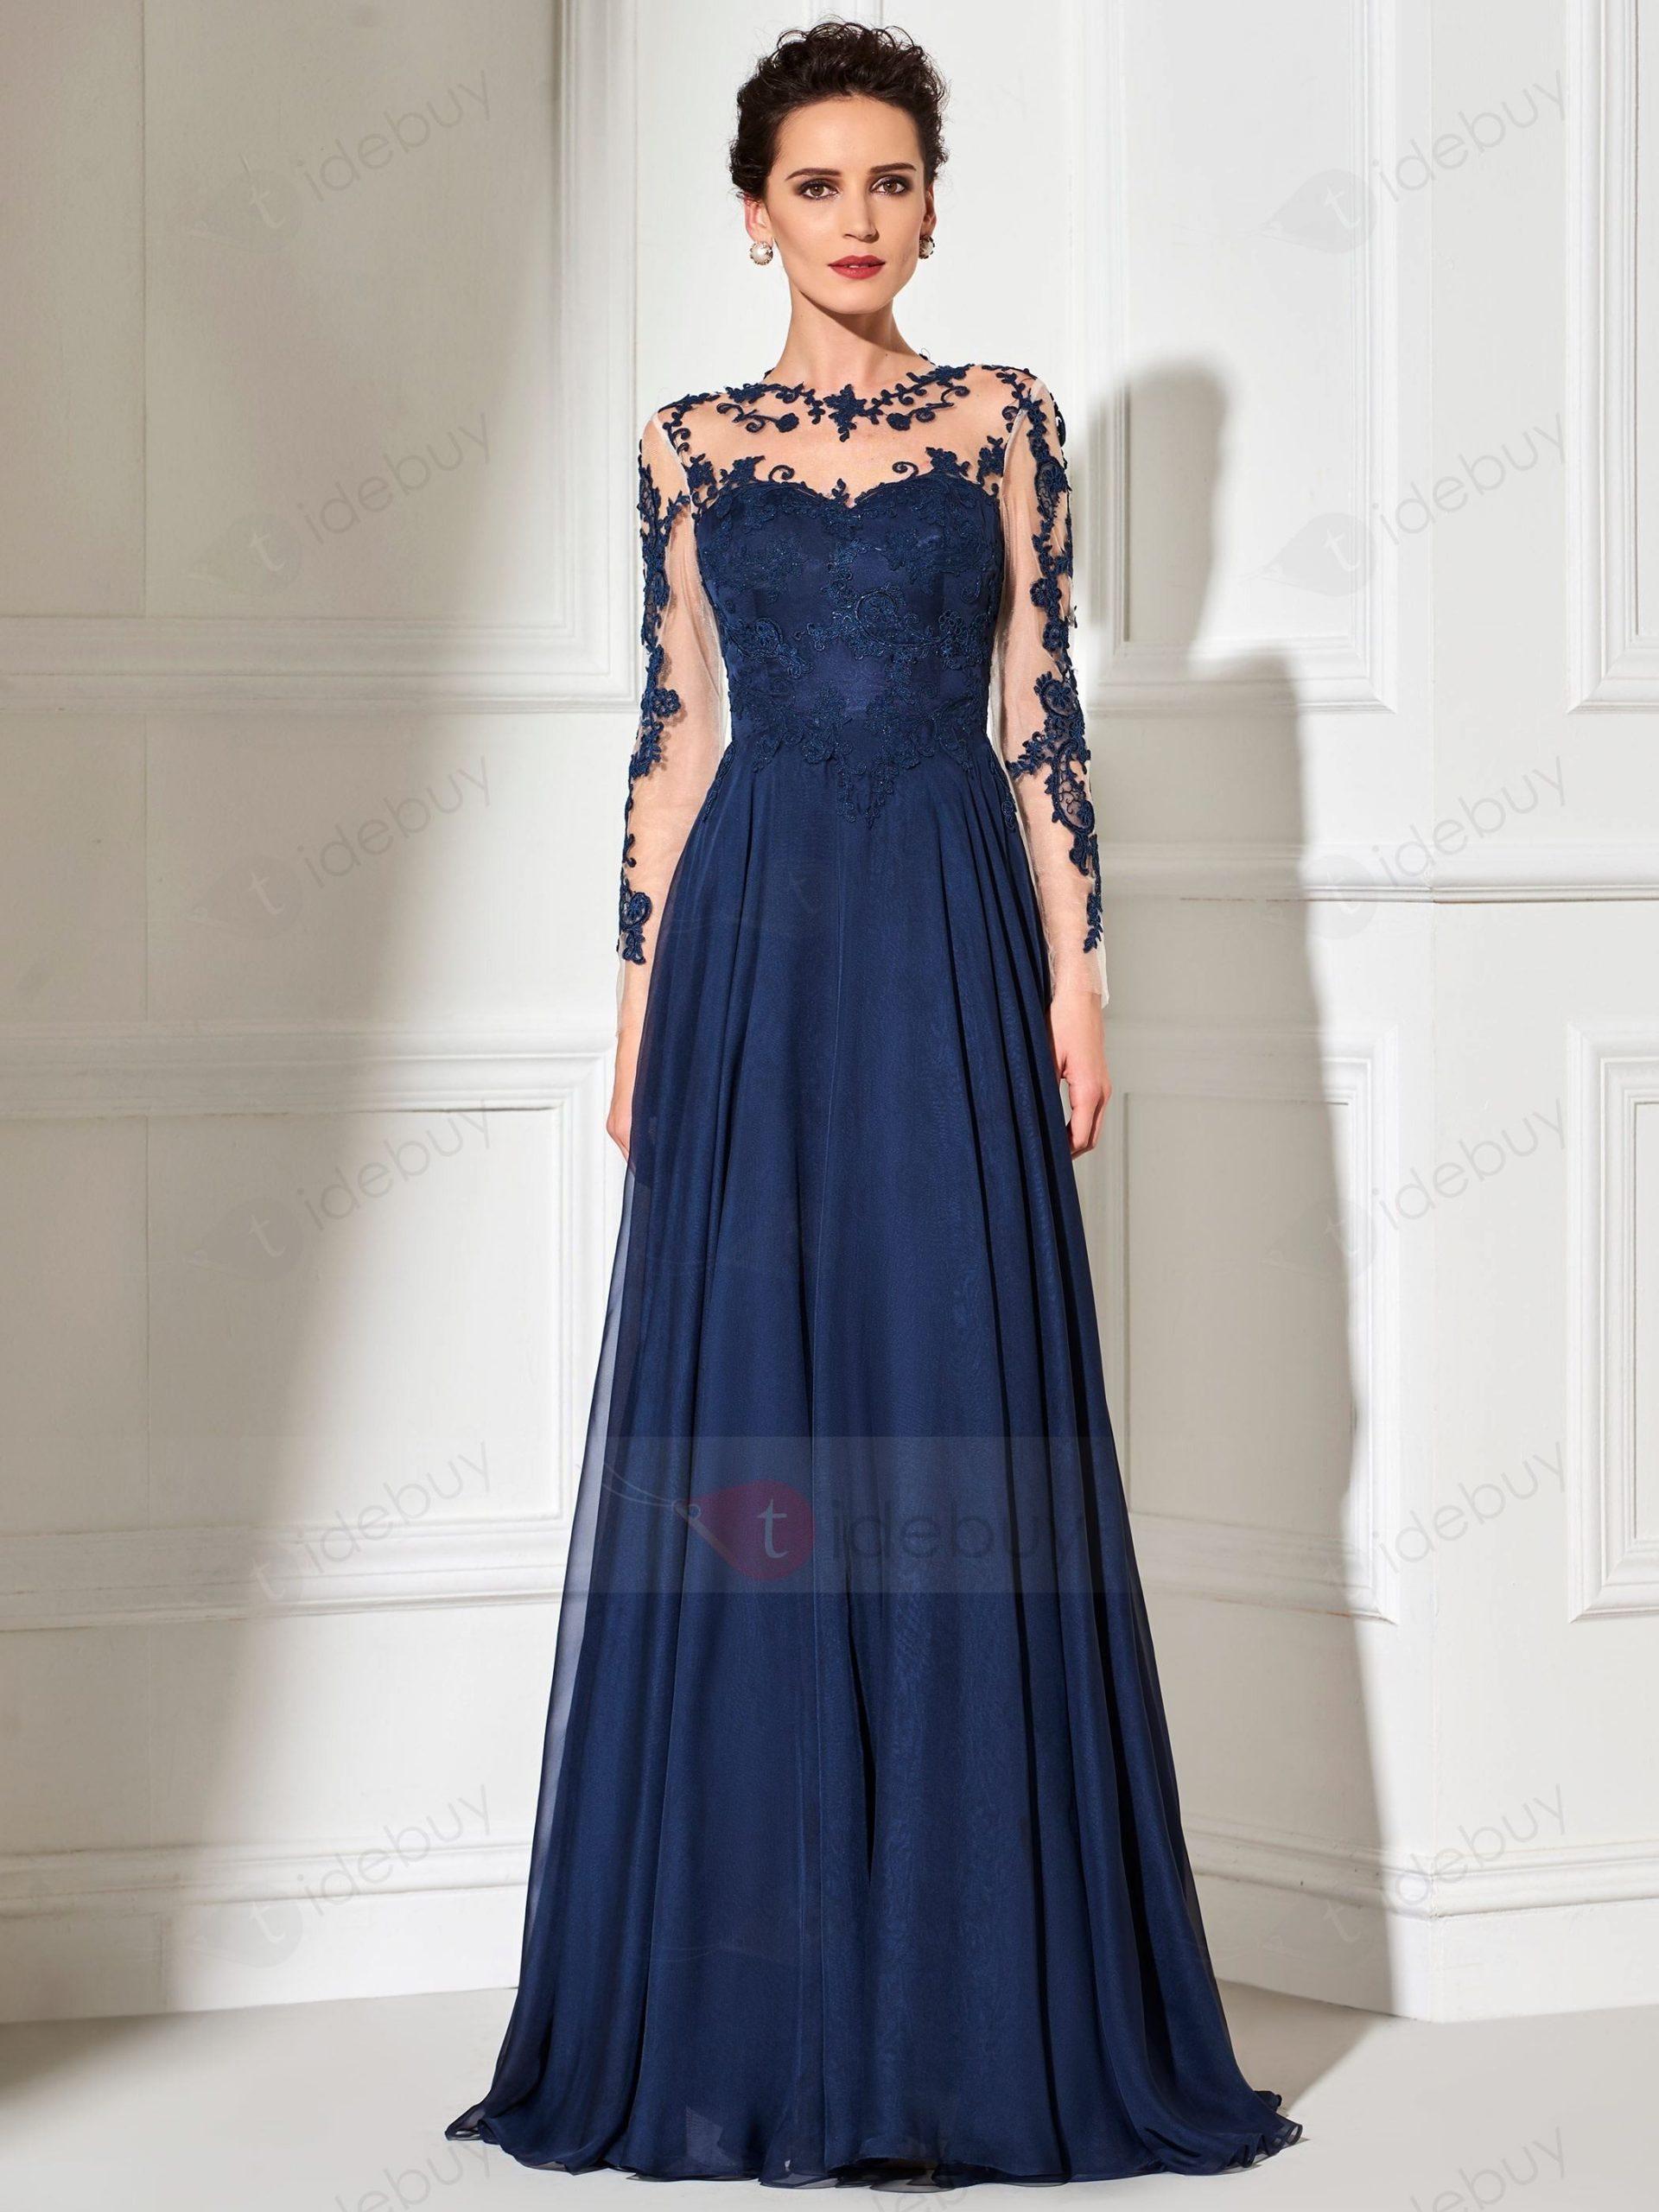 Abend Fantastisch Winter Abend Kleider Bester Preis15 Elegant Winter Abend Kleider Spezialgebiet